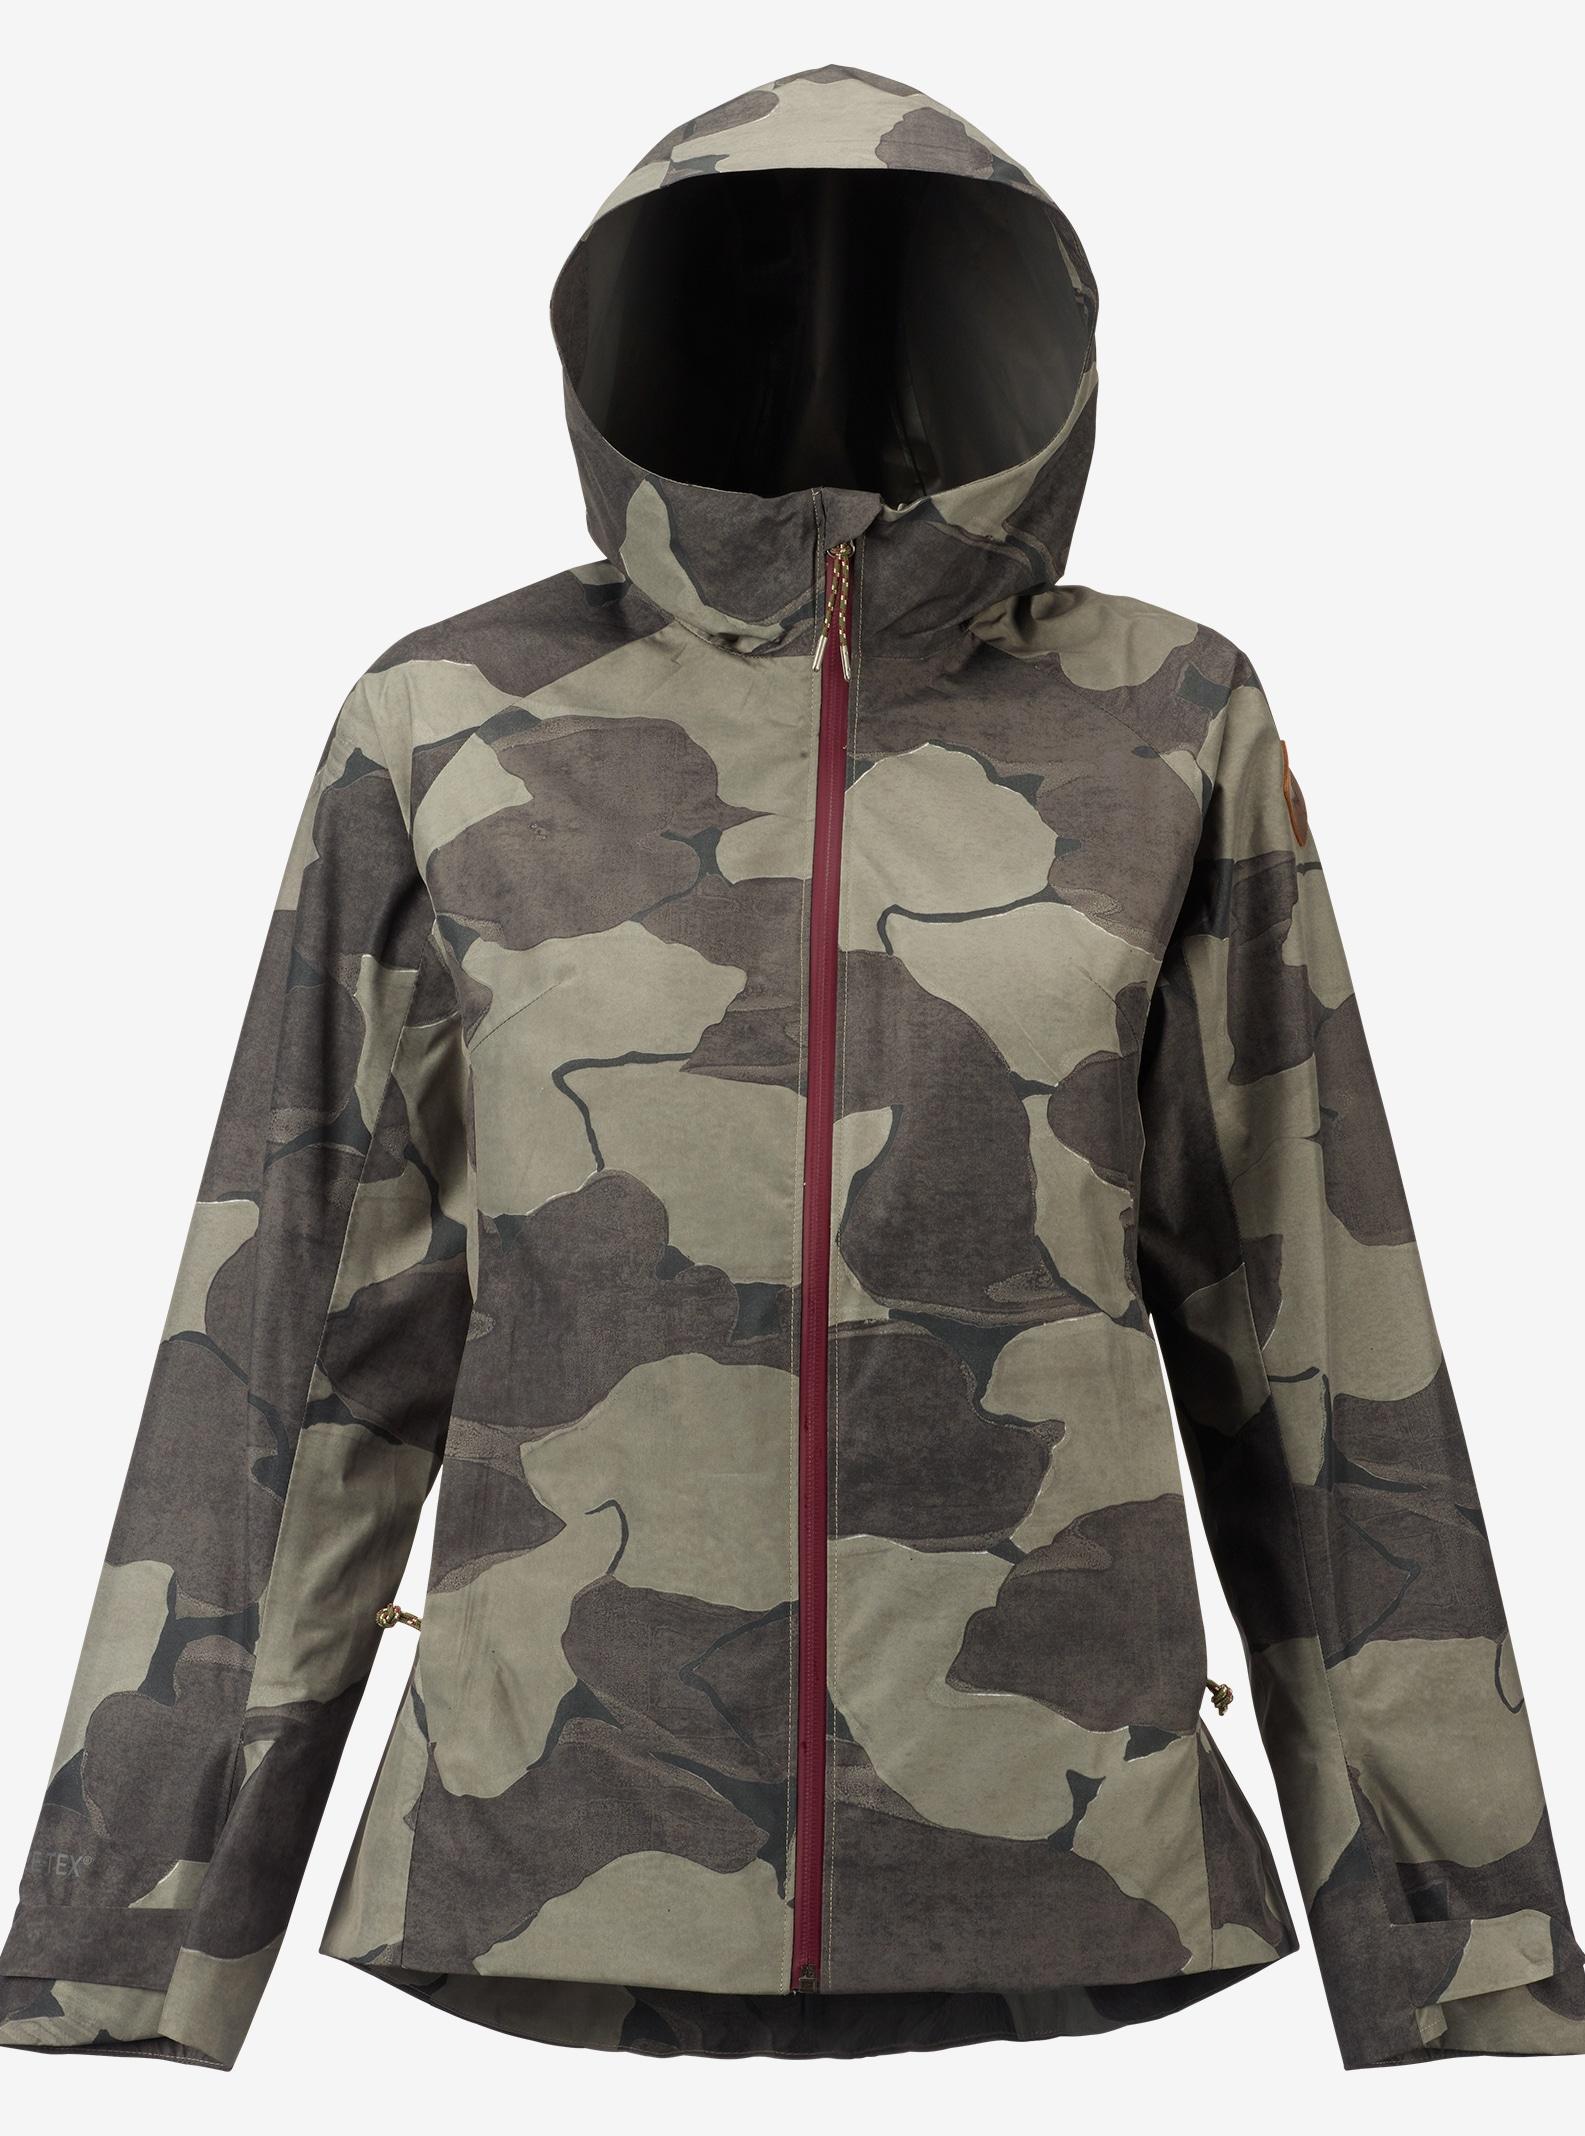 Burton GORE-TEX® 2L Day-Lite Rain Jacket shown in Keef Pond Camo